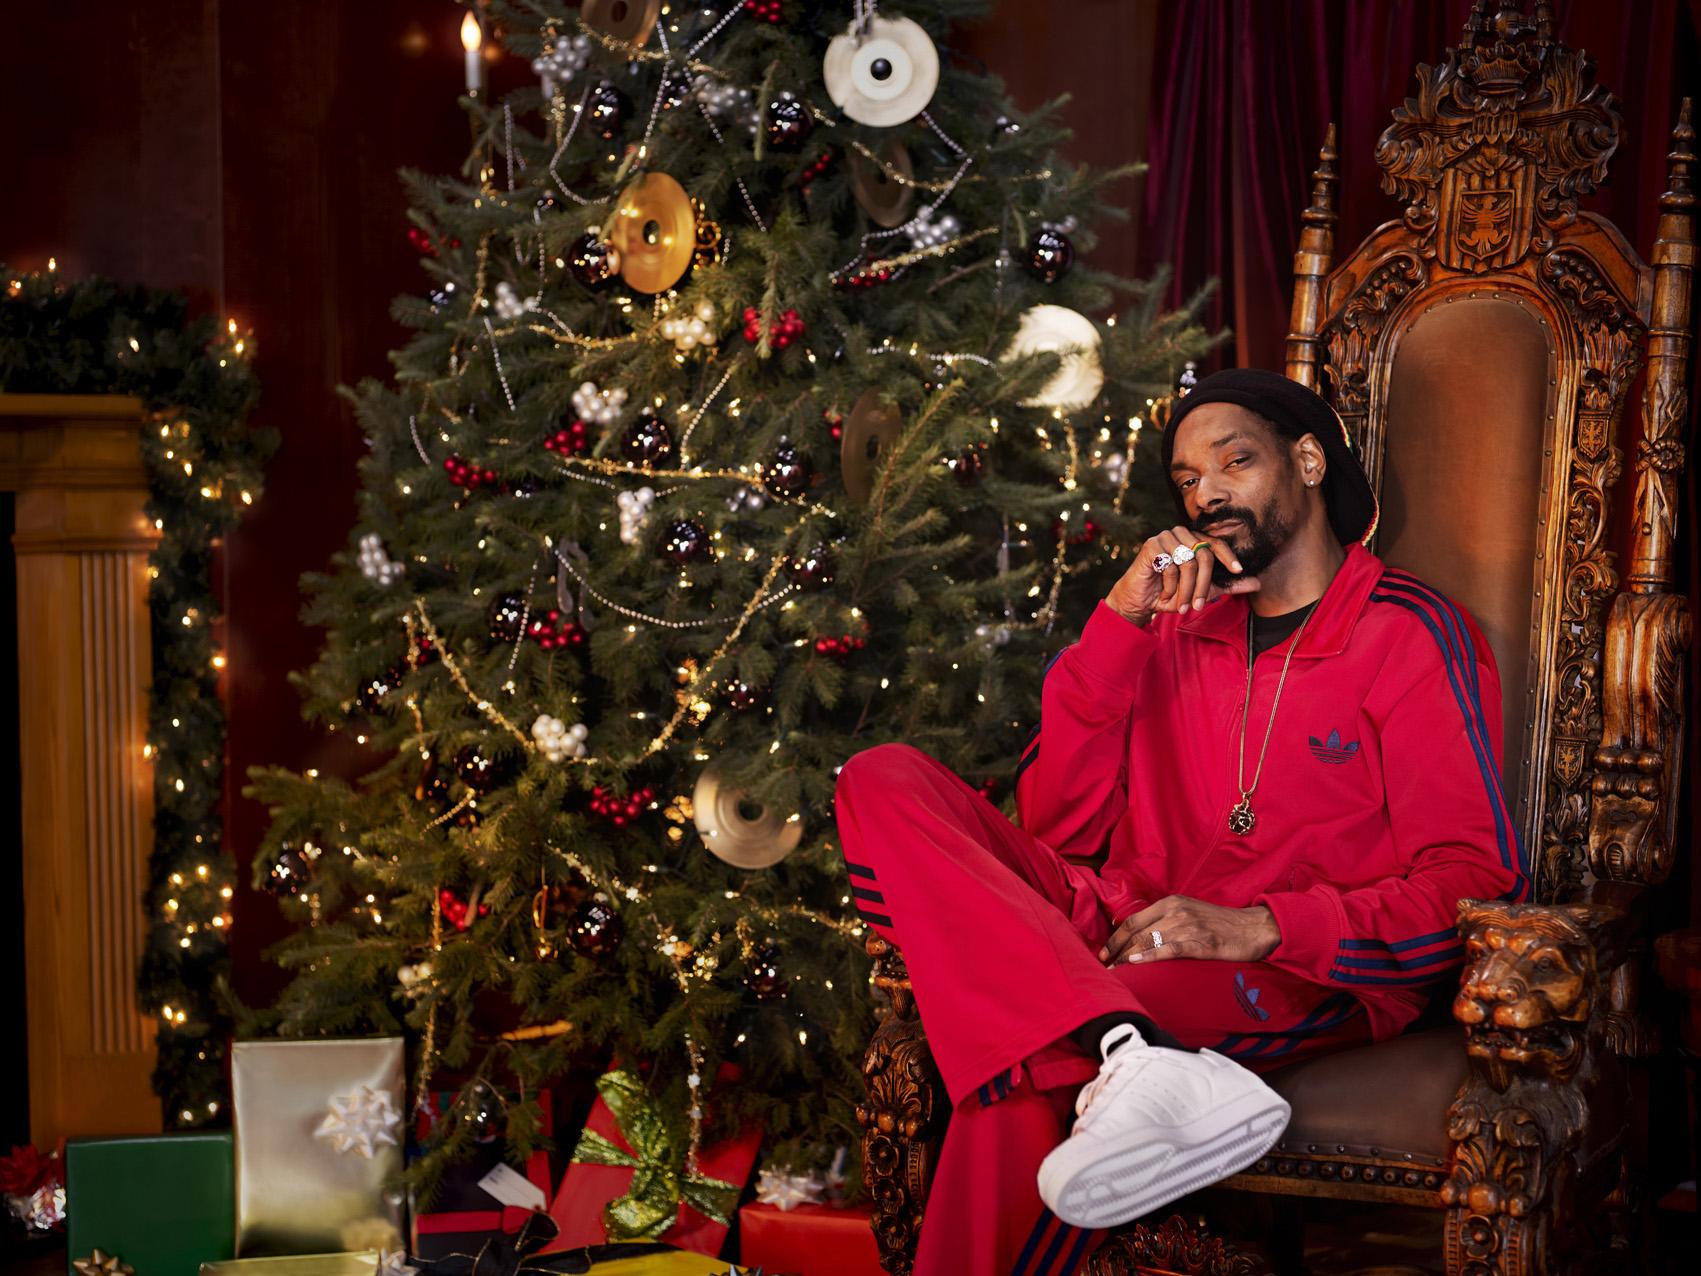 Ebenezer-Snoop_Sitting